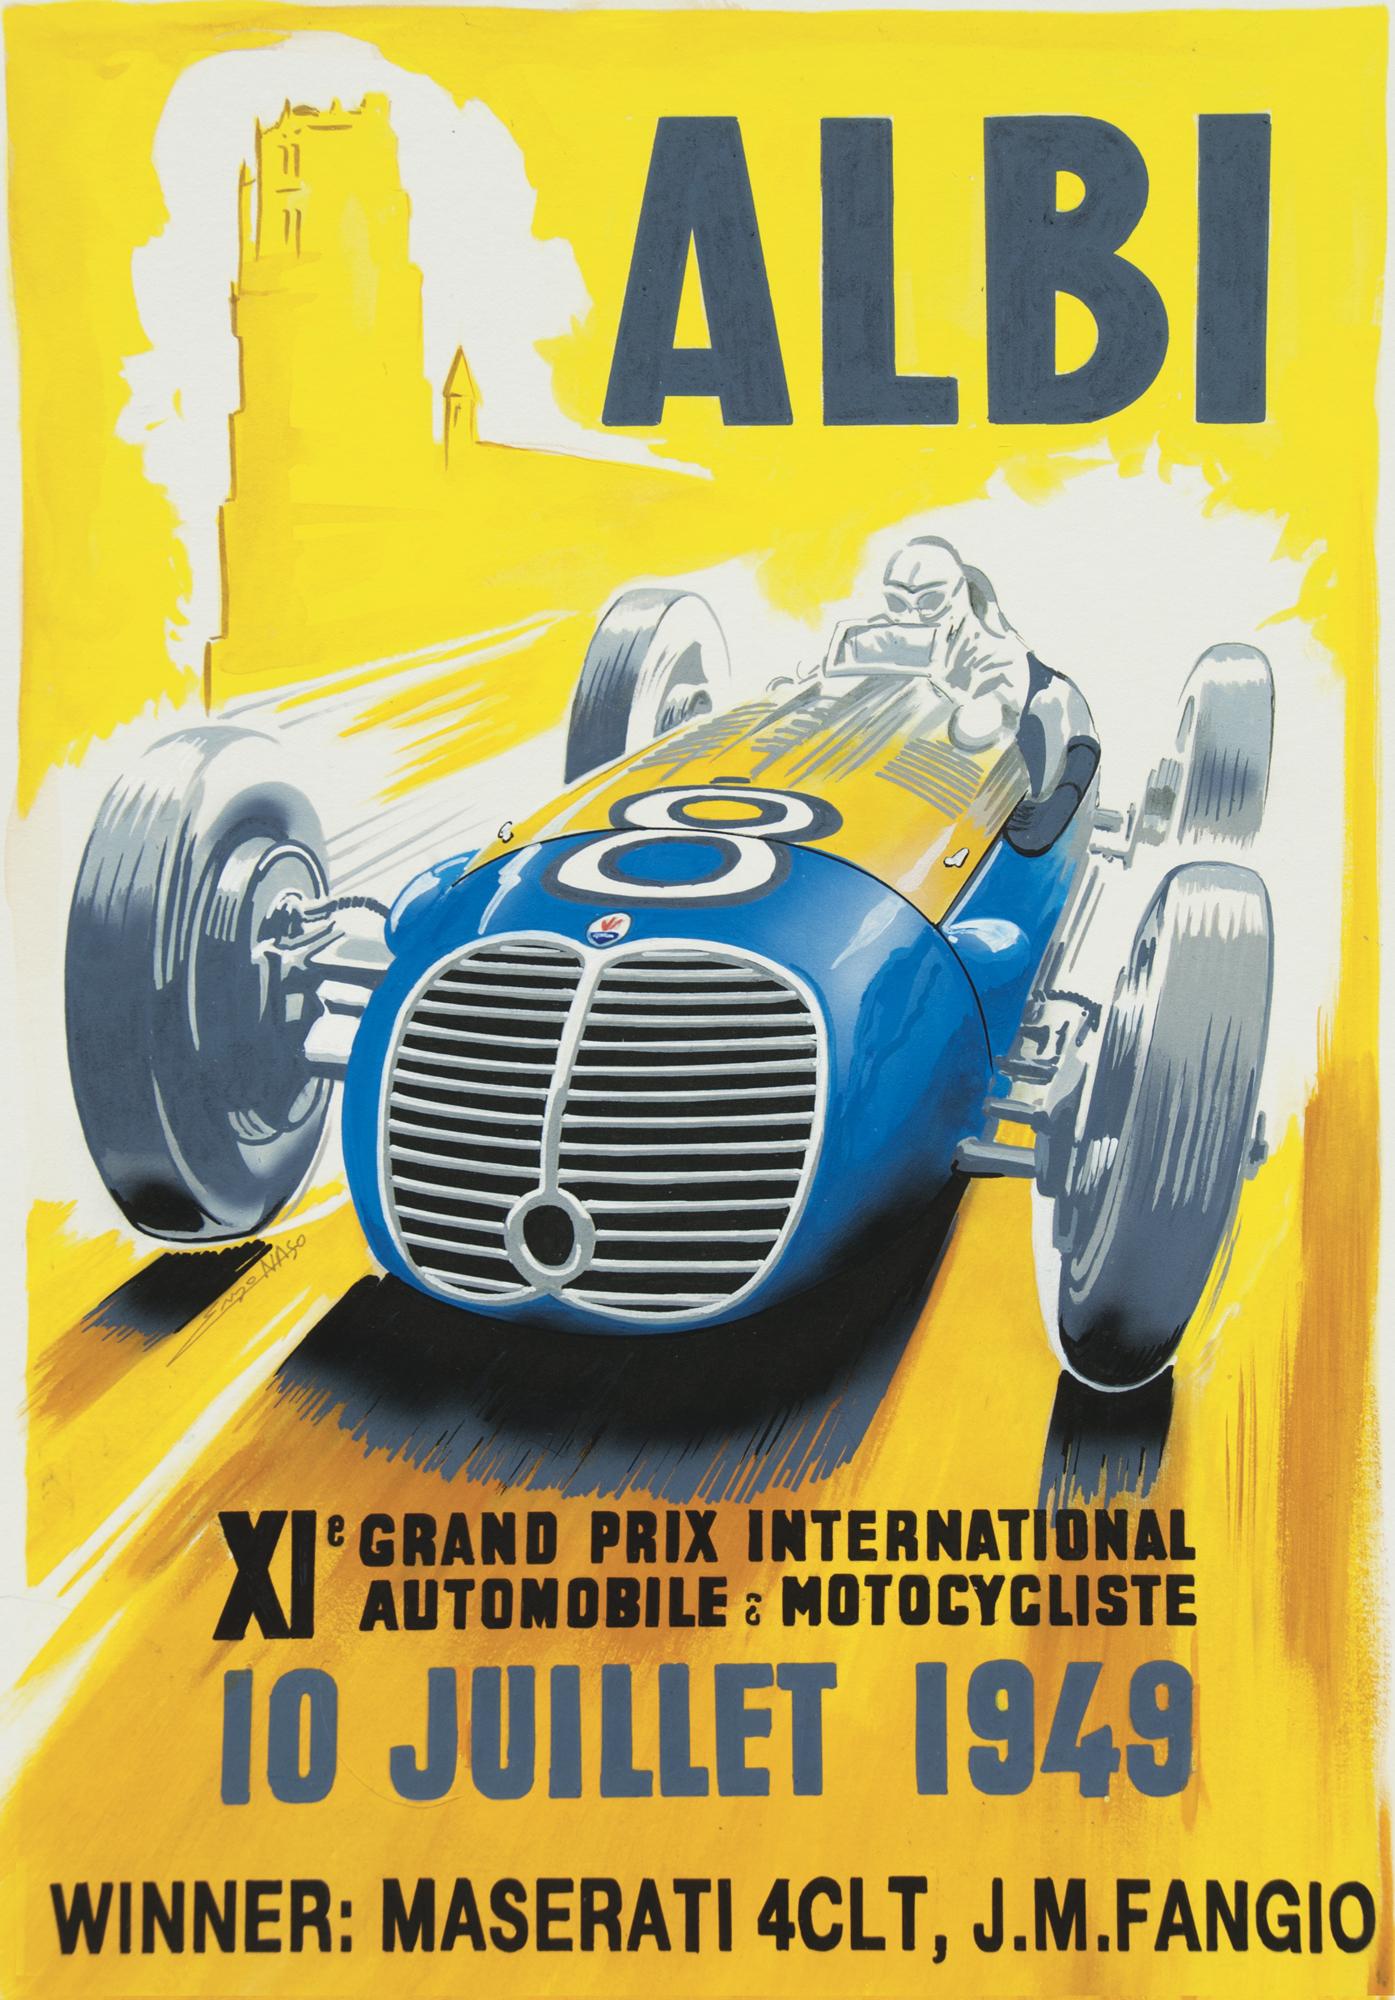 Centenario Maserati - GP Albi 1949